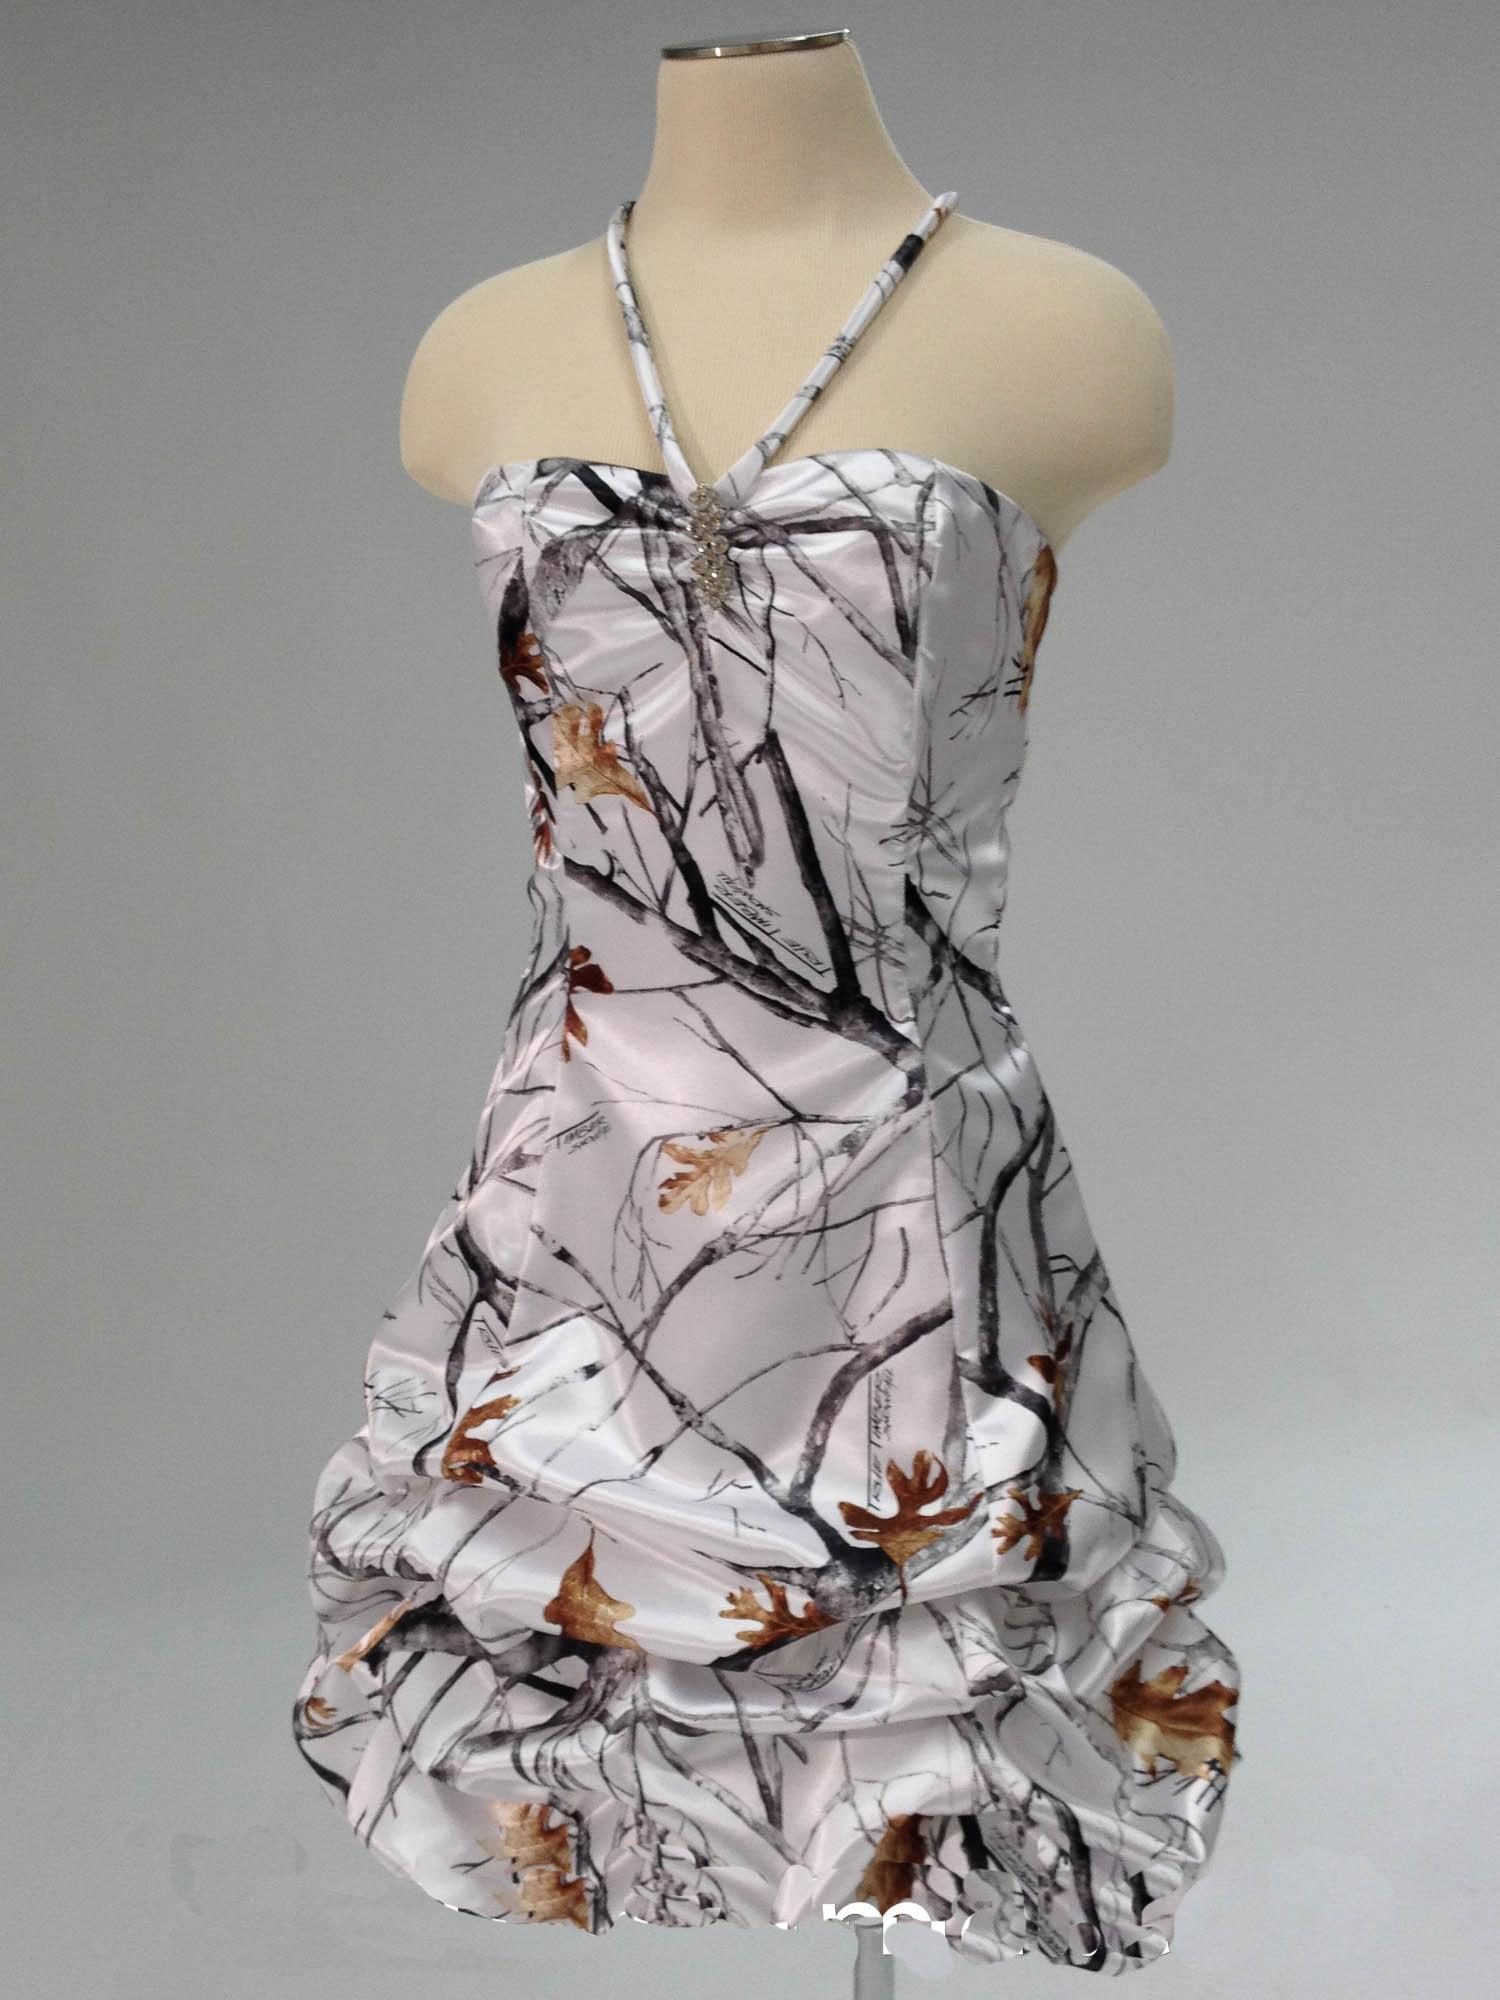 Niedlich Camo Kleid Für Prom Bilder - Brautkleider Ideen - cashingy.info